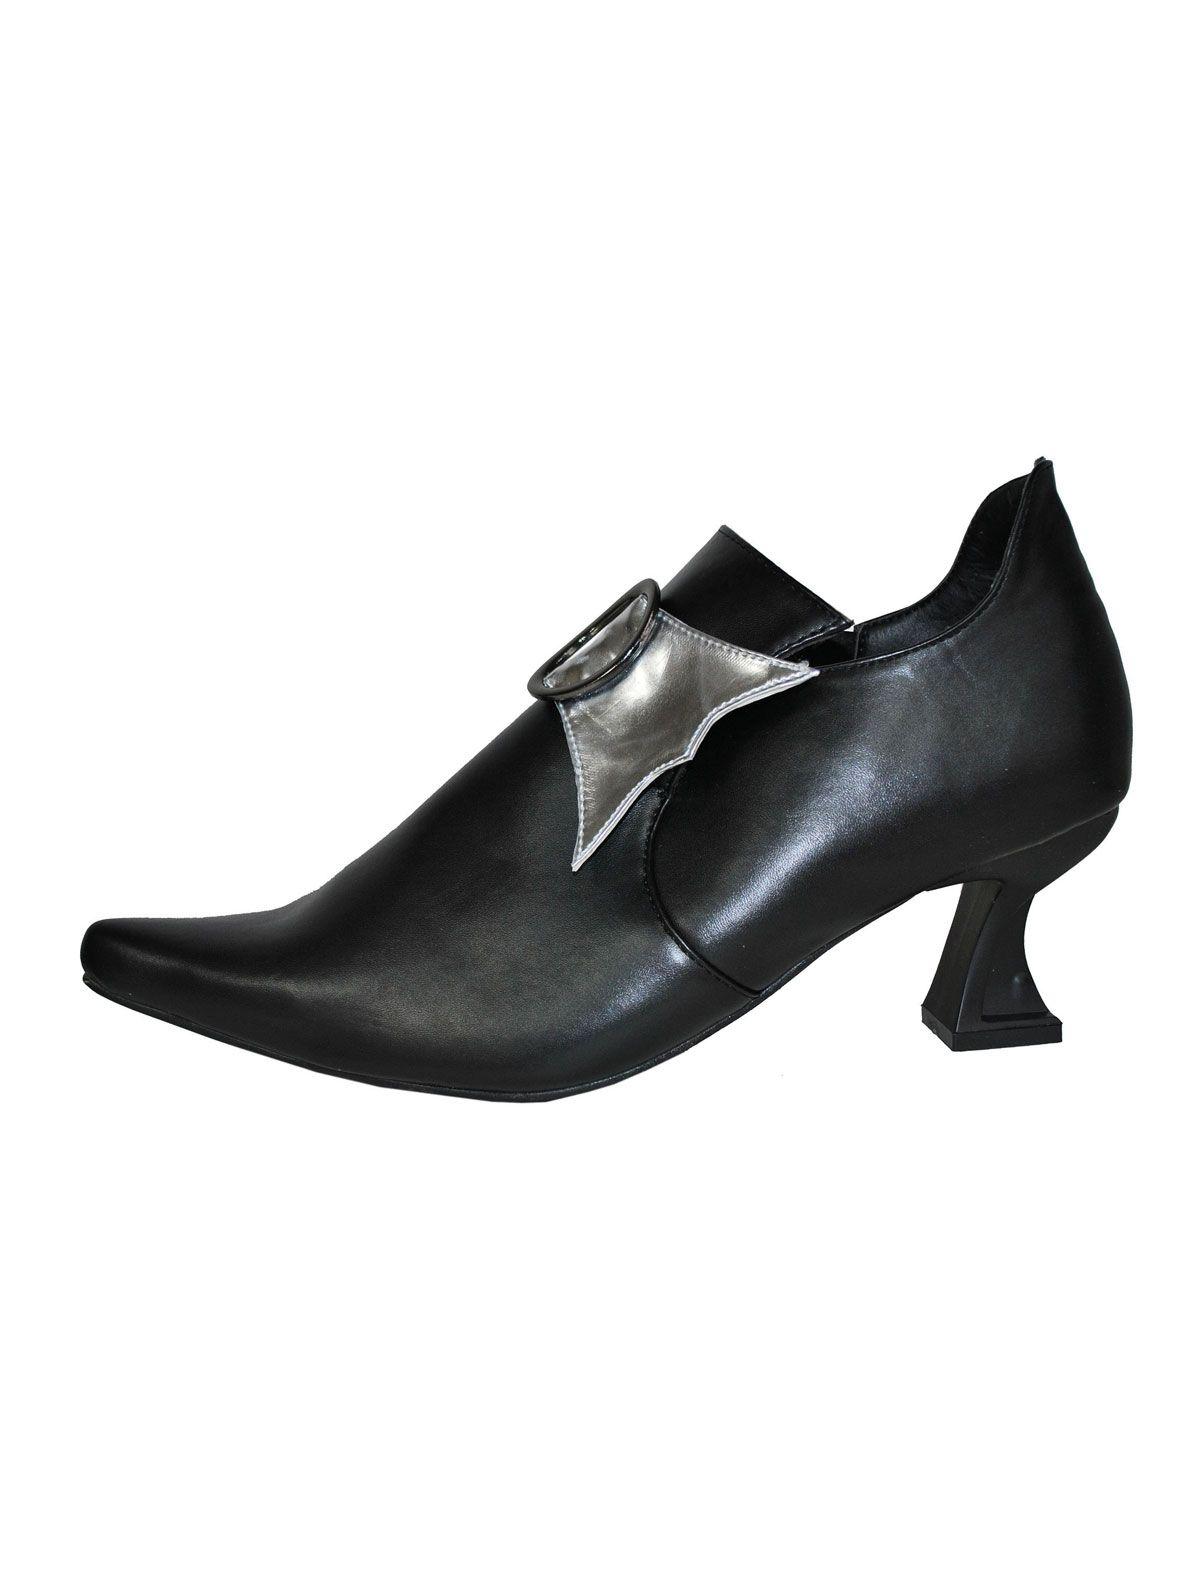 Stiefelette schwarz-silber